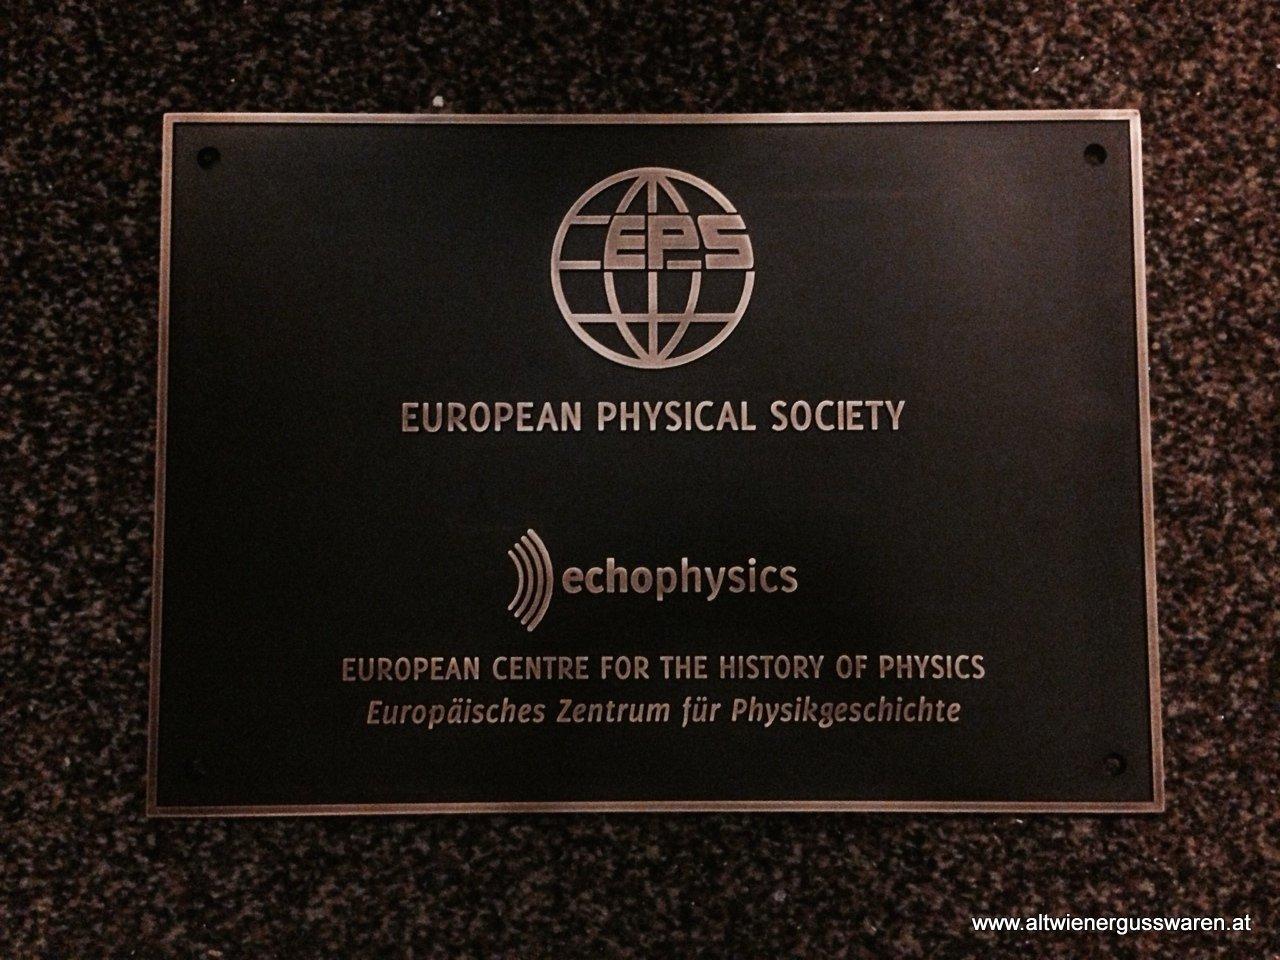 Europäisches Zentrum für Physikgeschichte